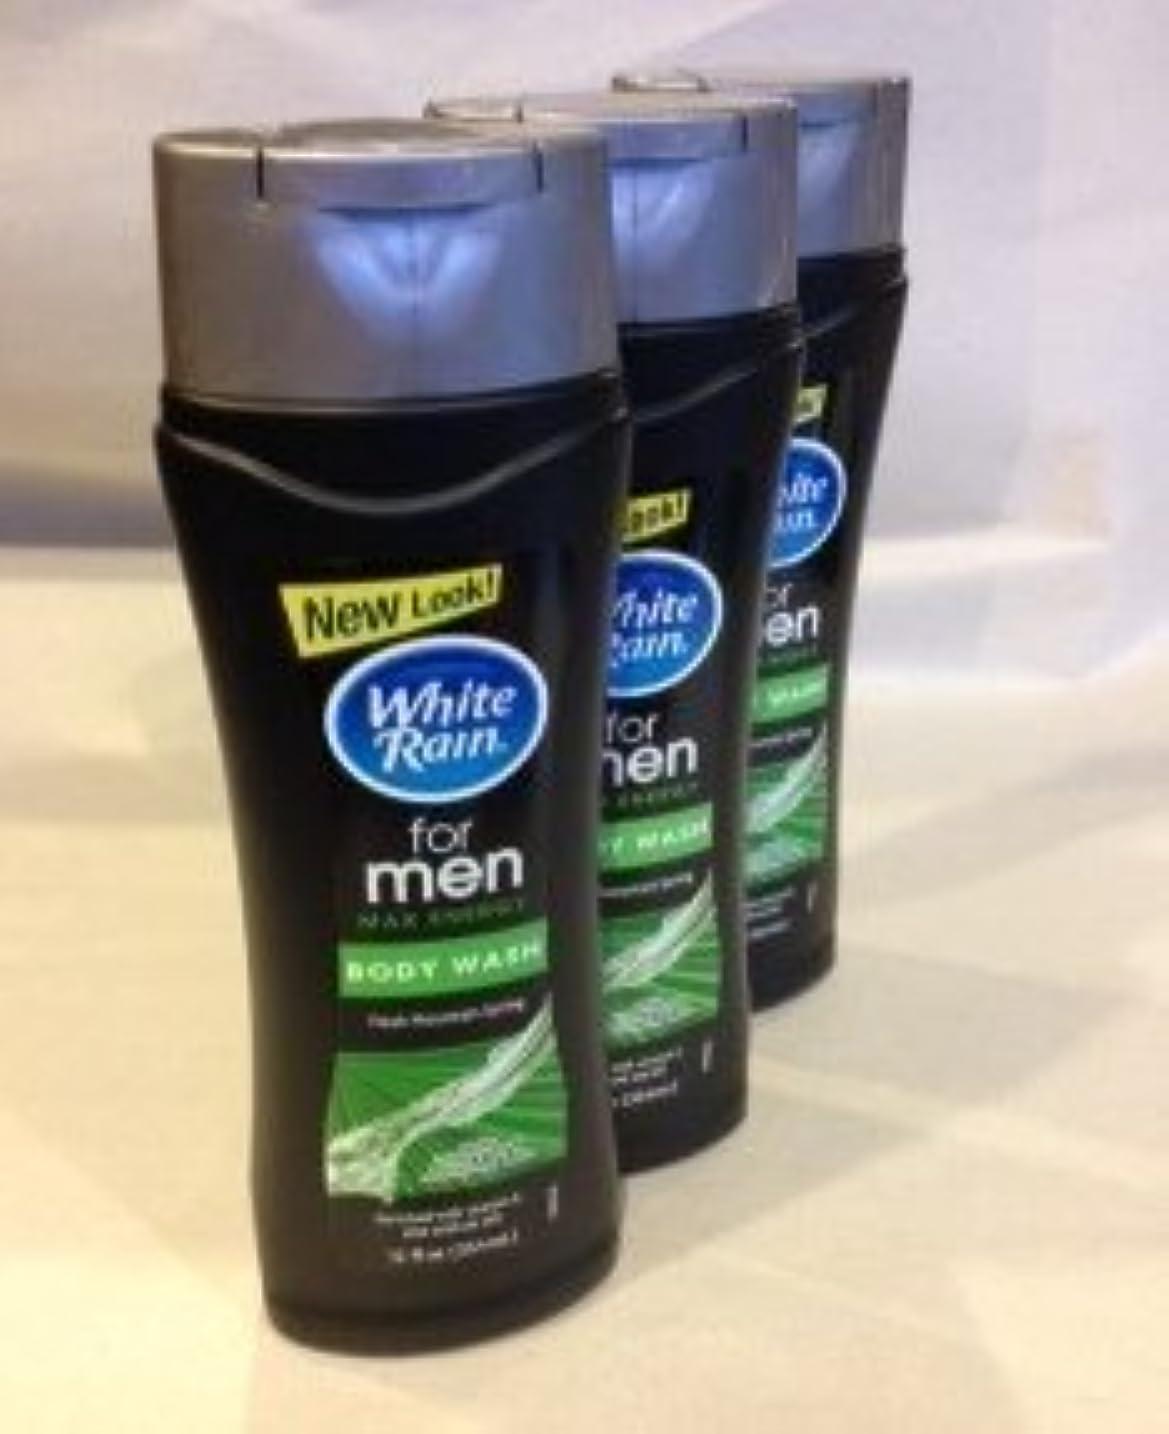 不適当熟すスリルWhite Rain for Men Body Wash - Freash Mountain Spring Max Energy (QTY 3 Pack by White Rain